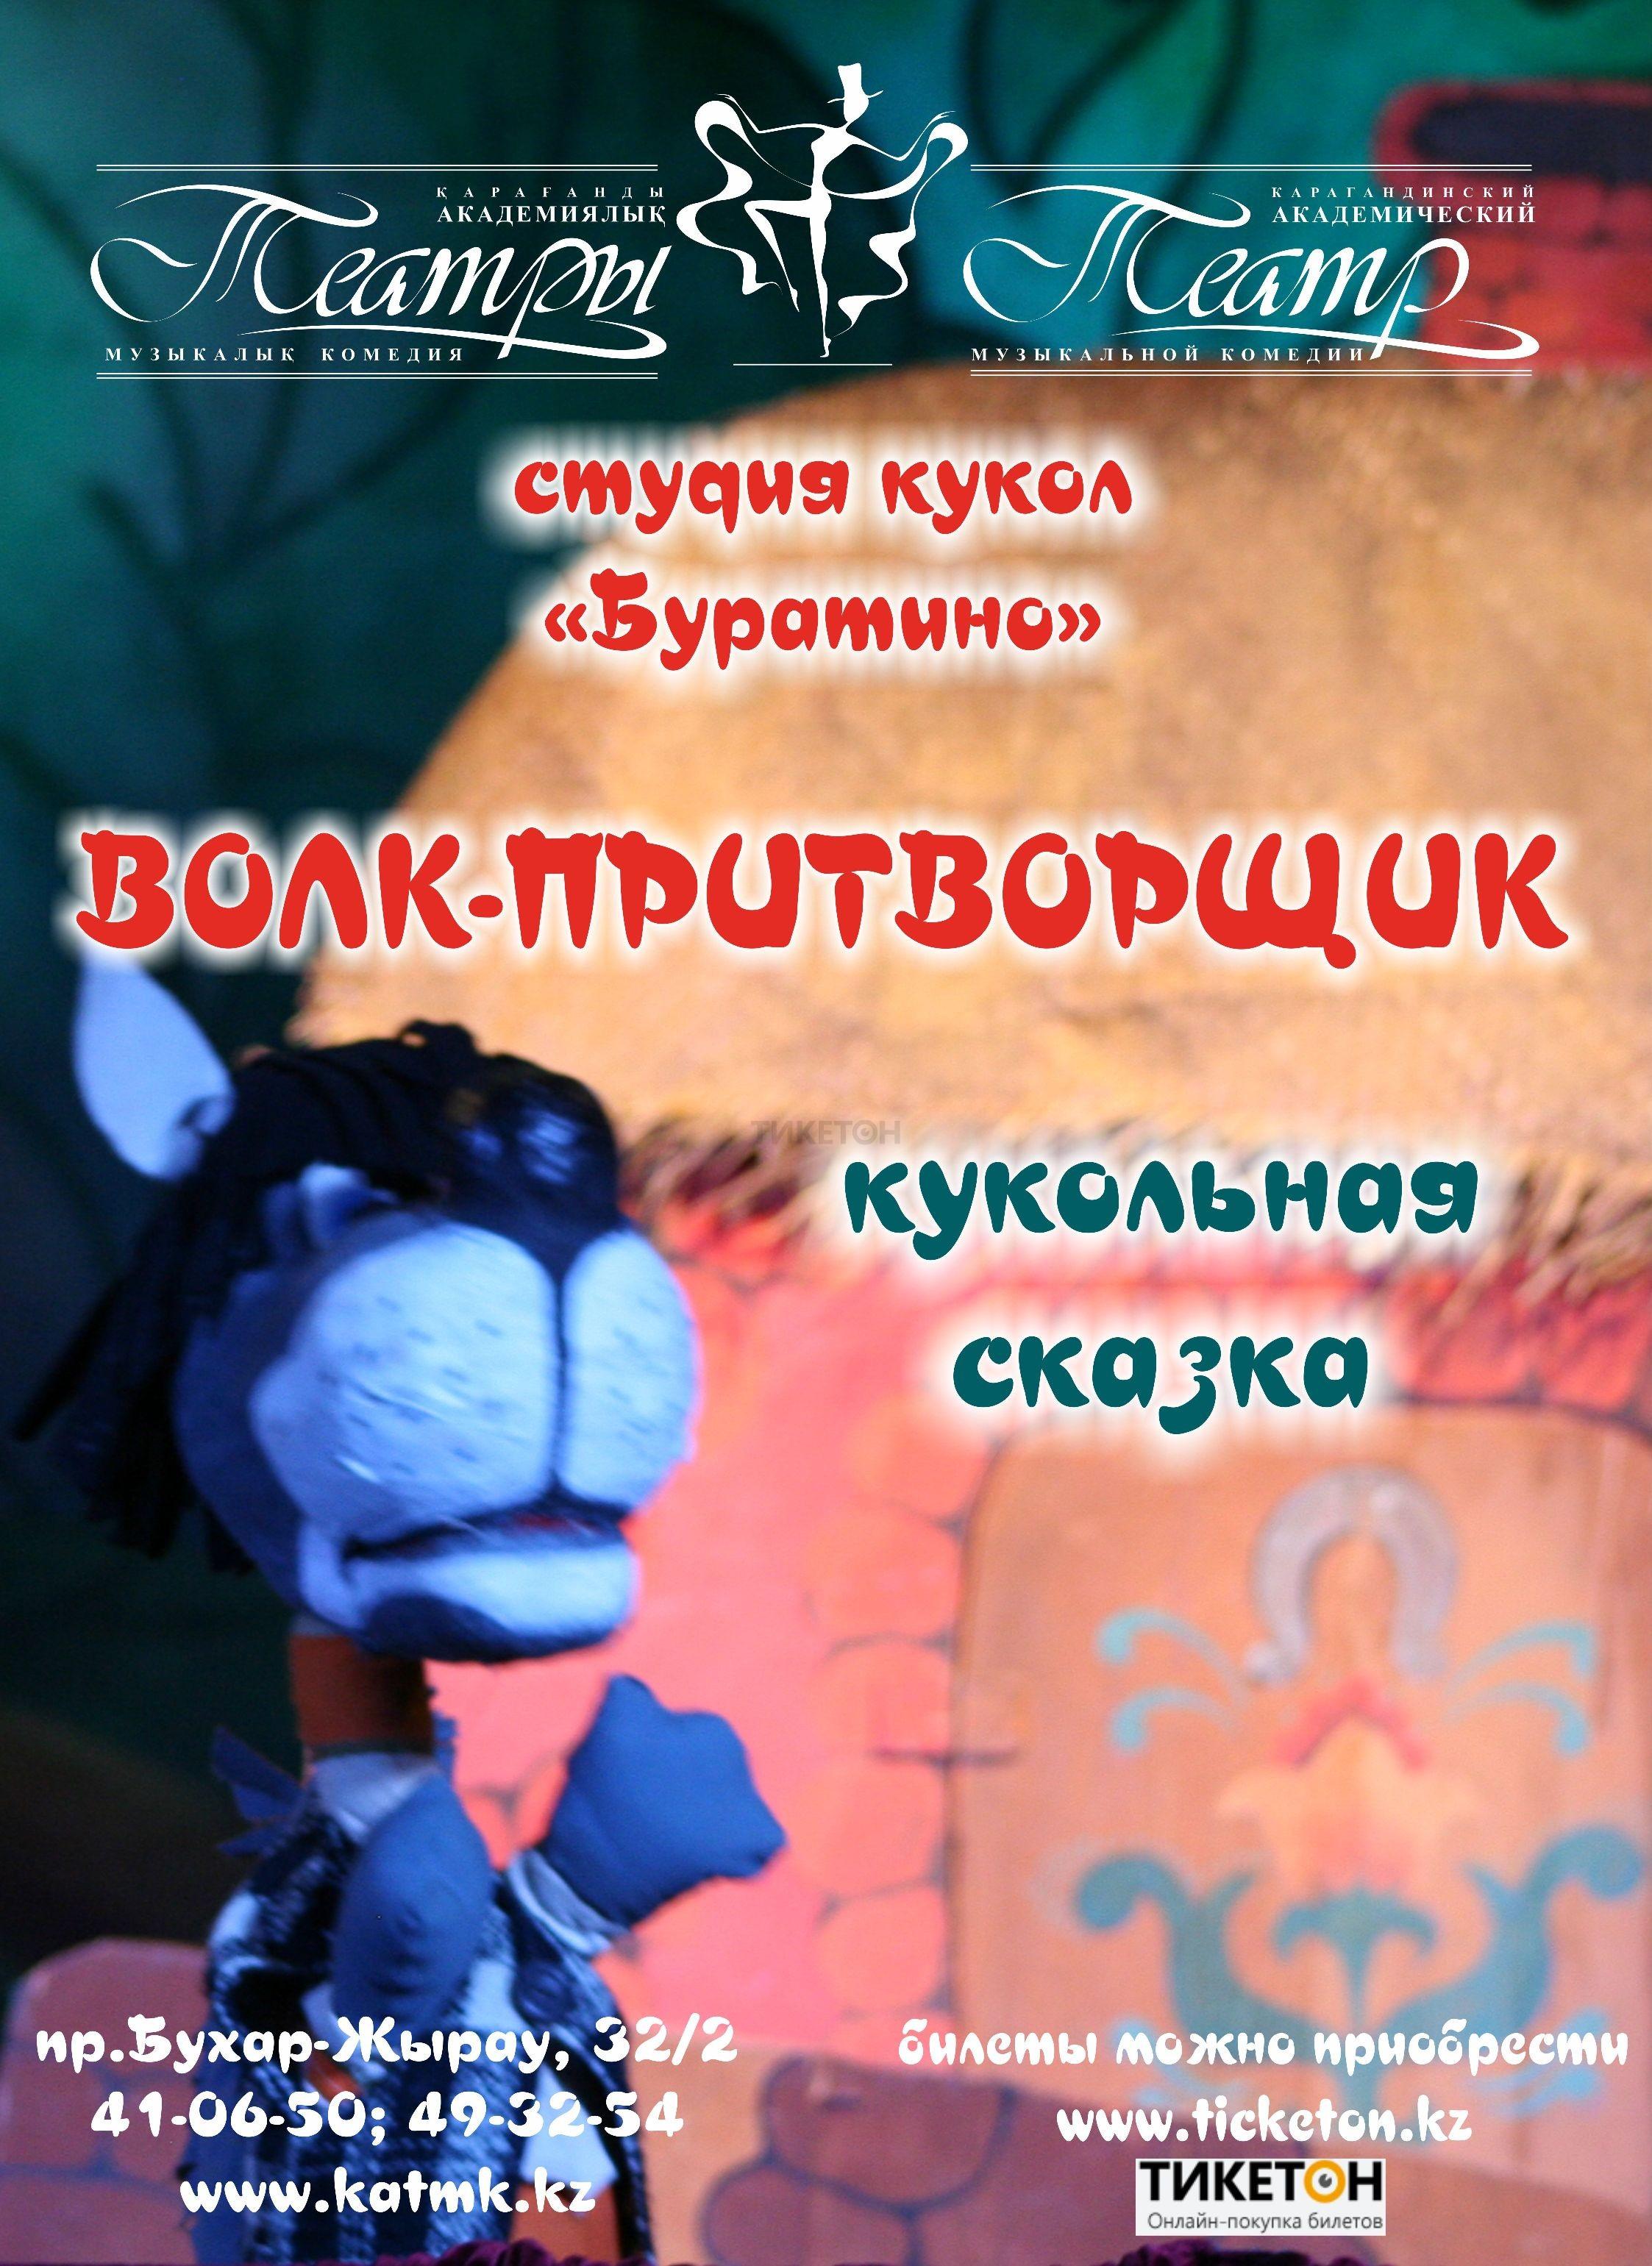 Волк-притворщик (КАТМК)